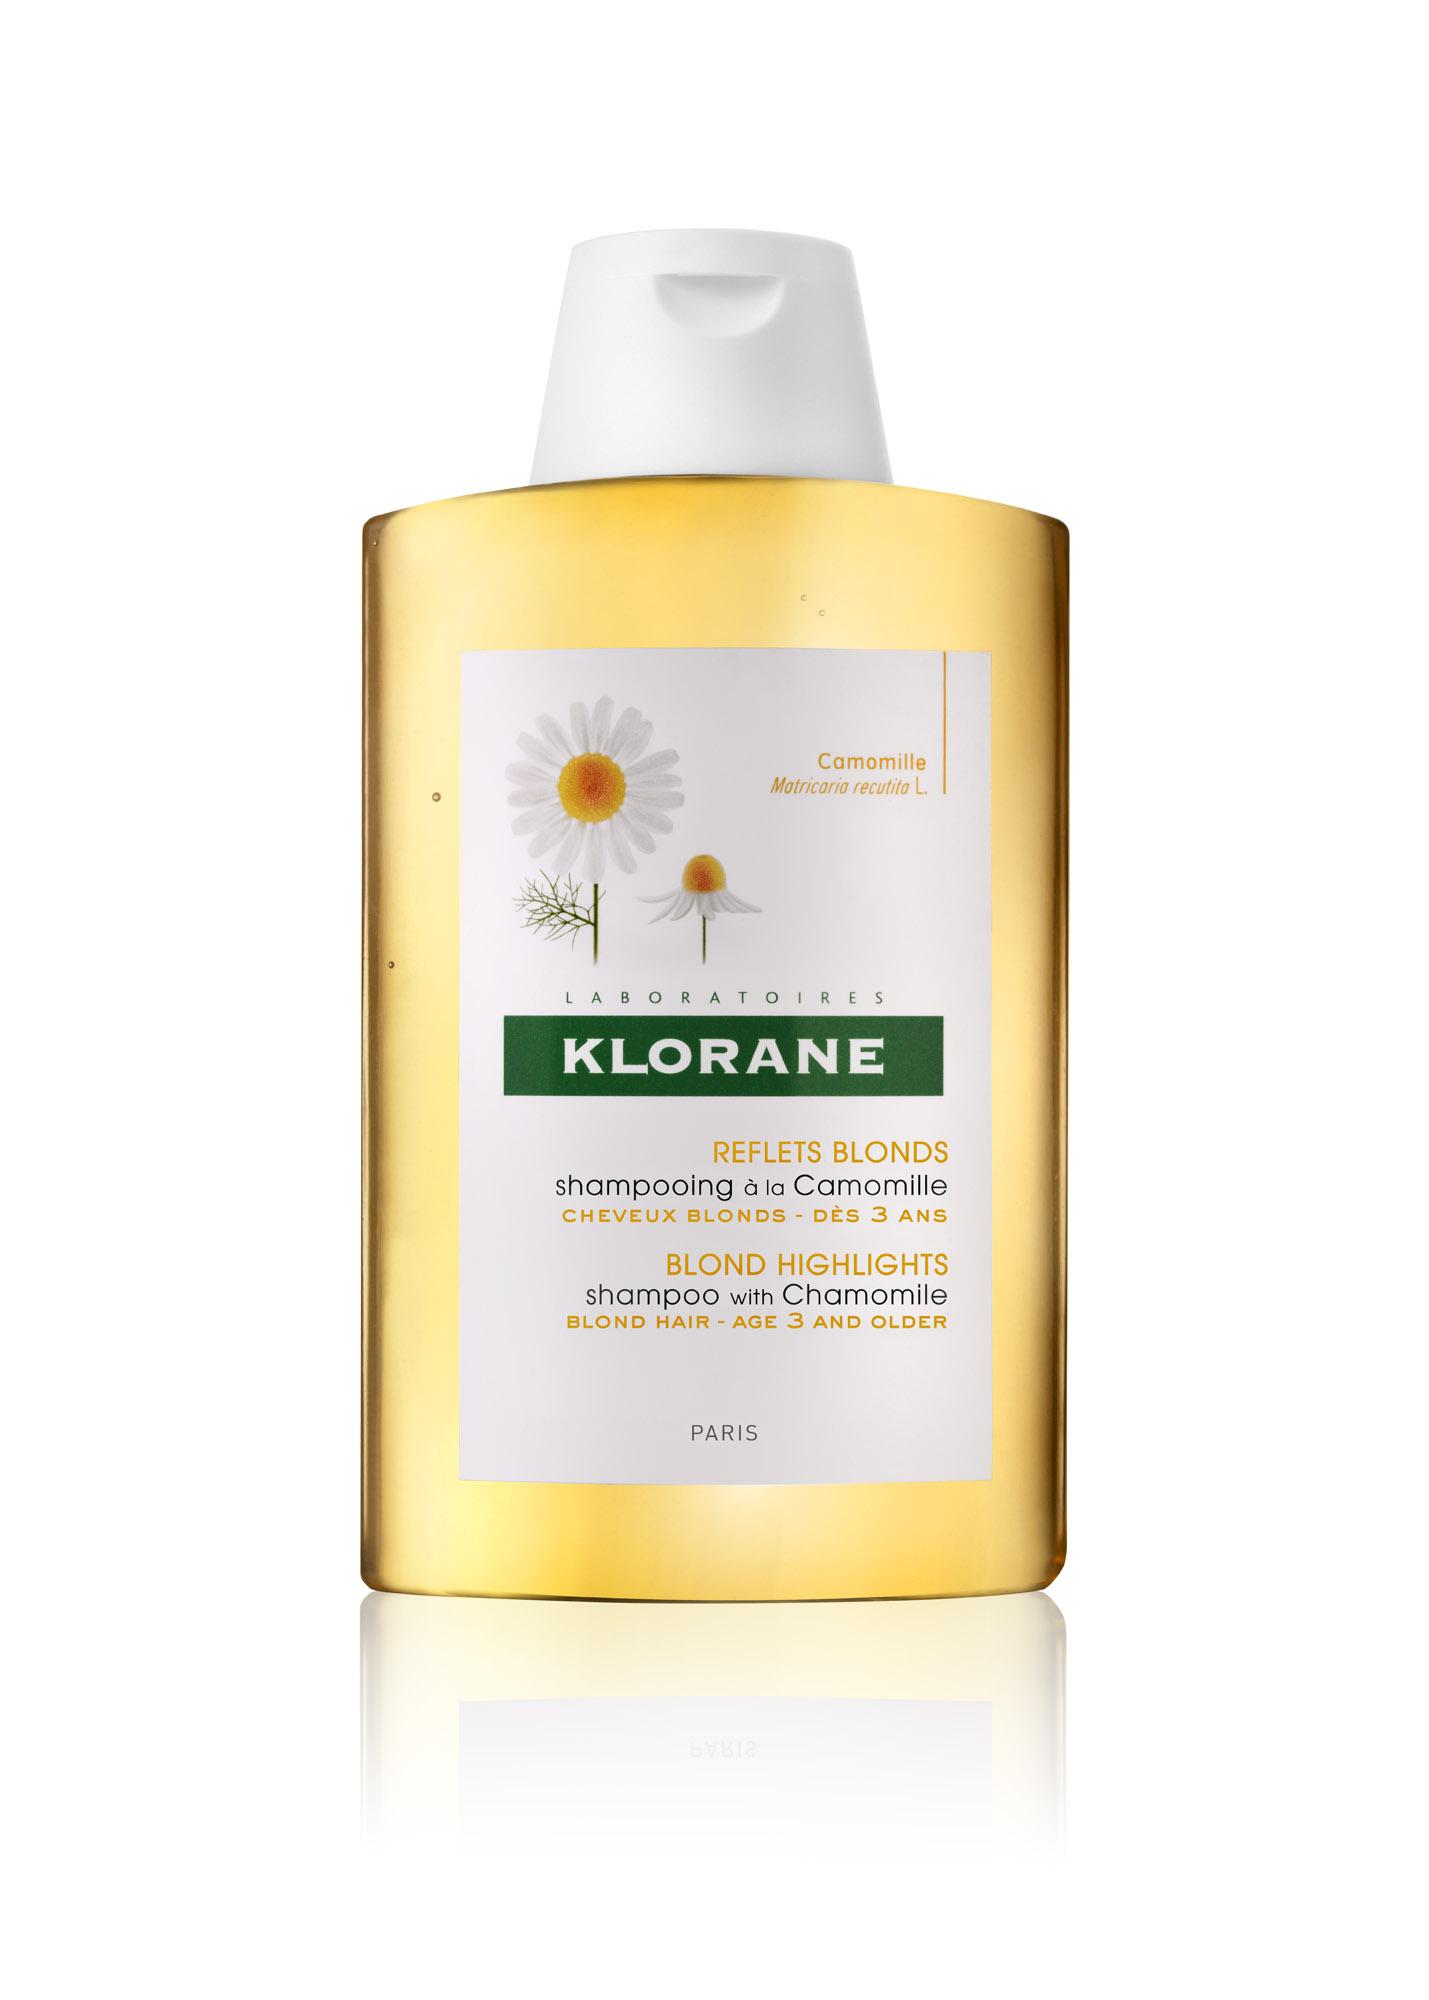 კლორანი - გვირილის შამპუნი ქერა თმისთვის / klorane - Shampoo with Chamomile